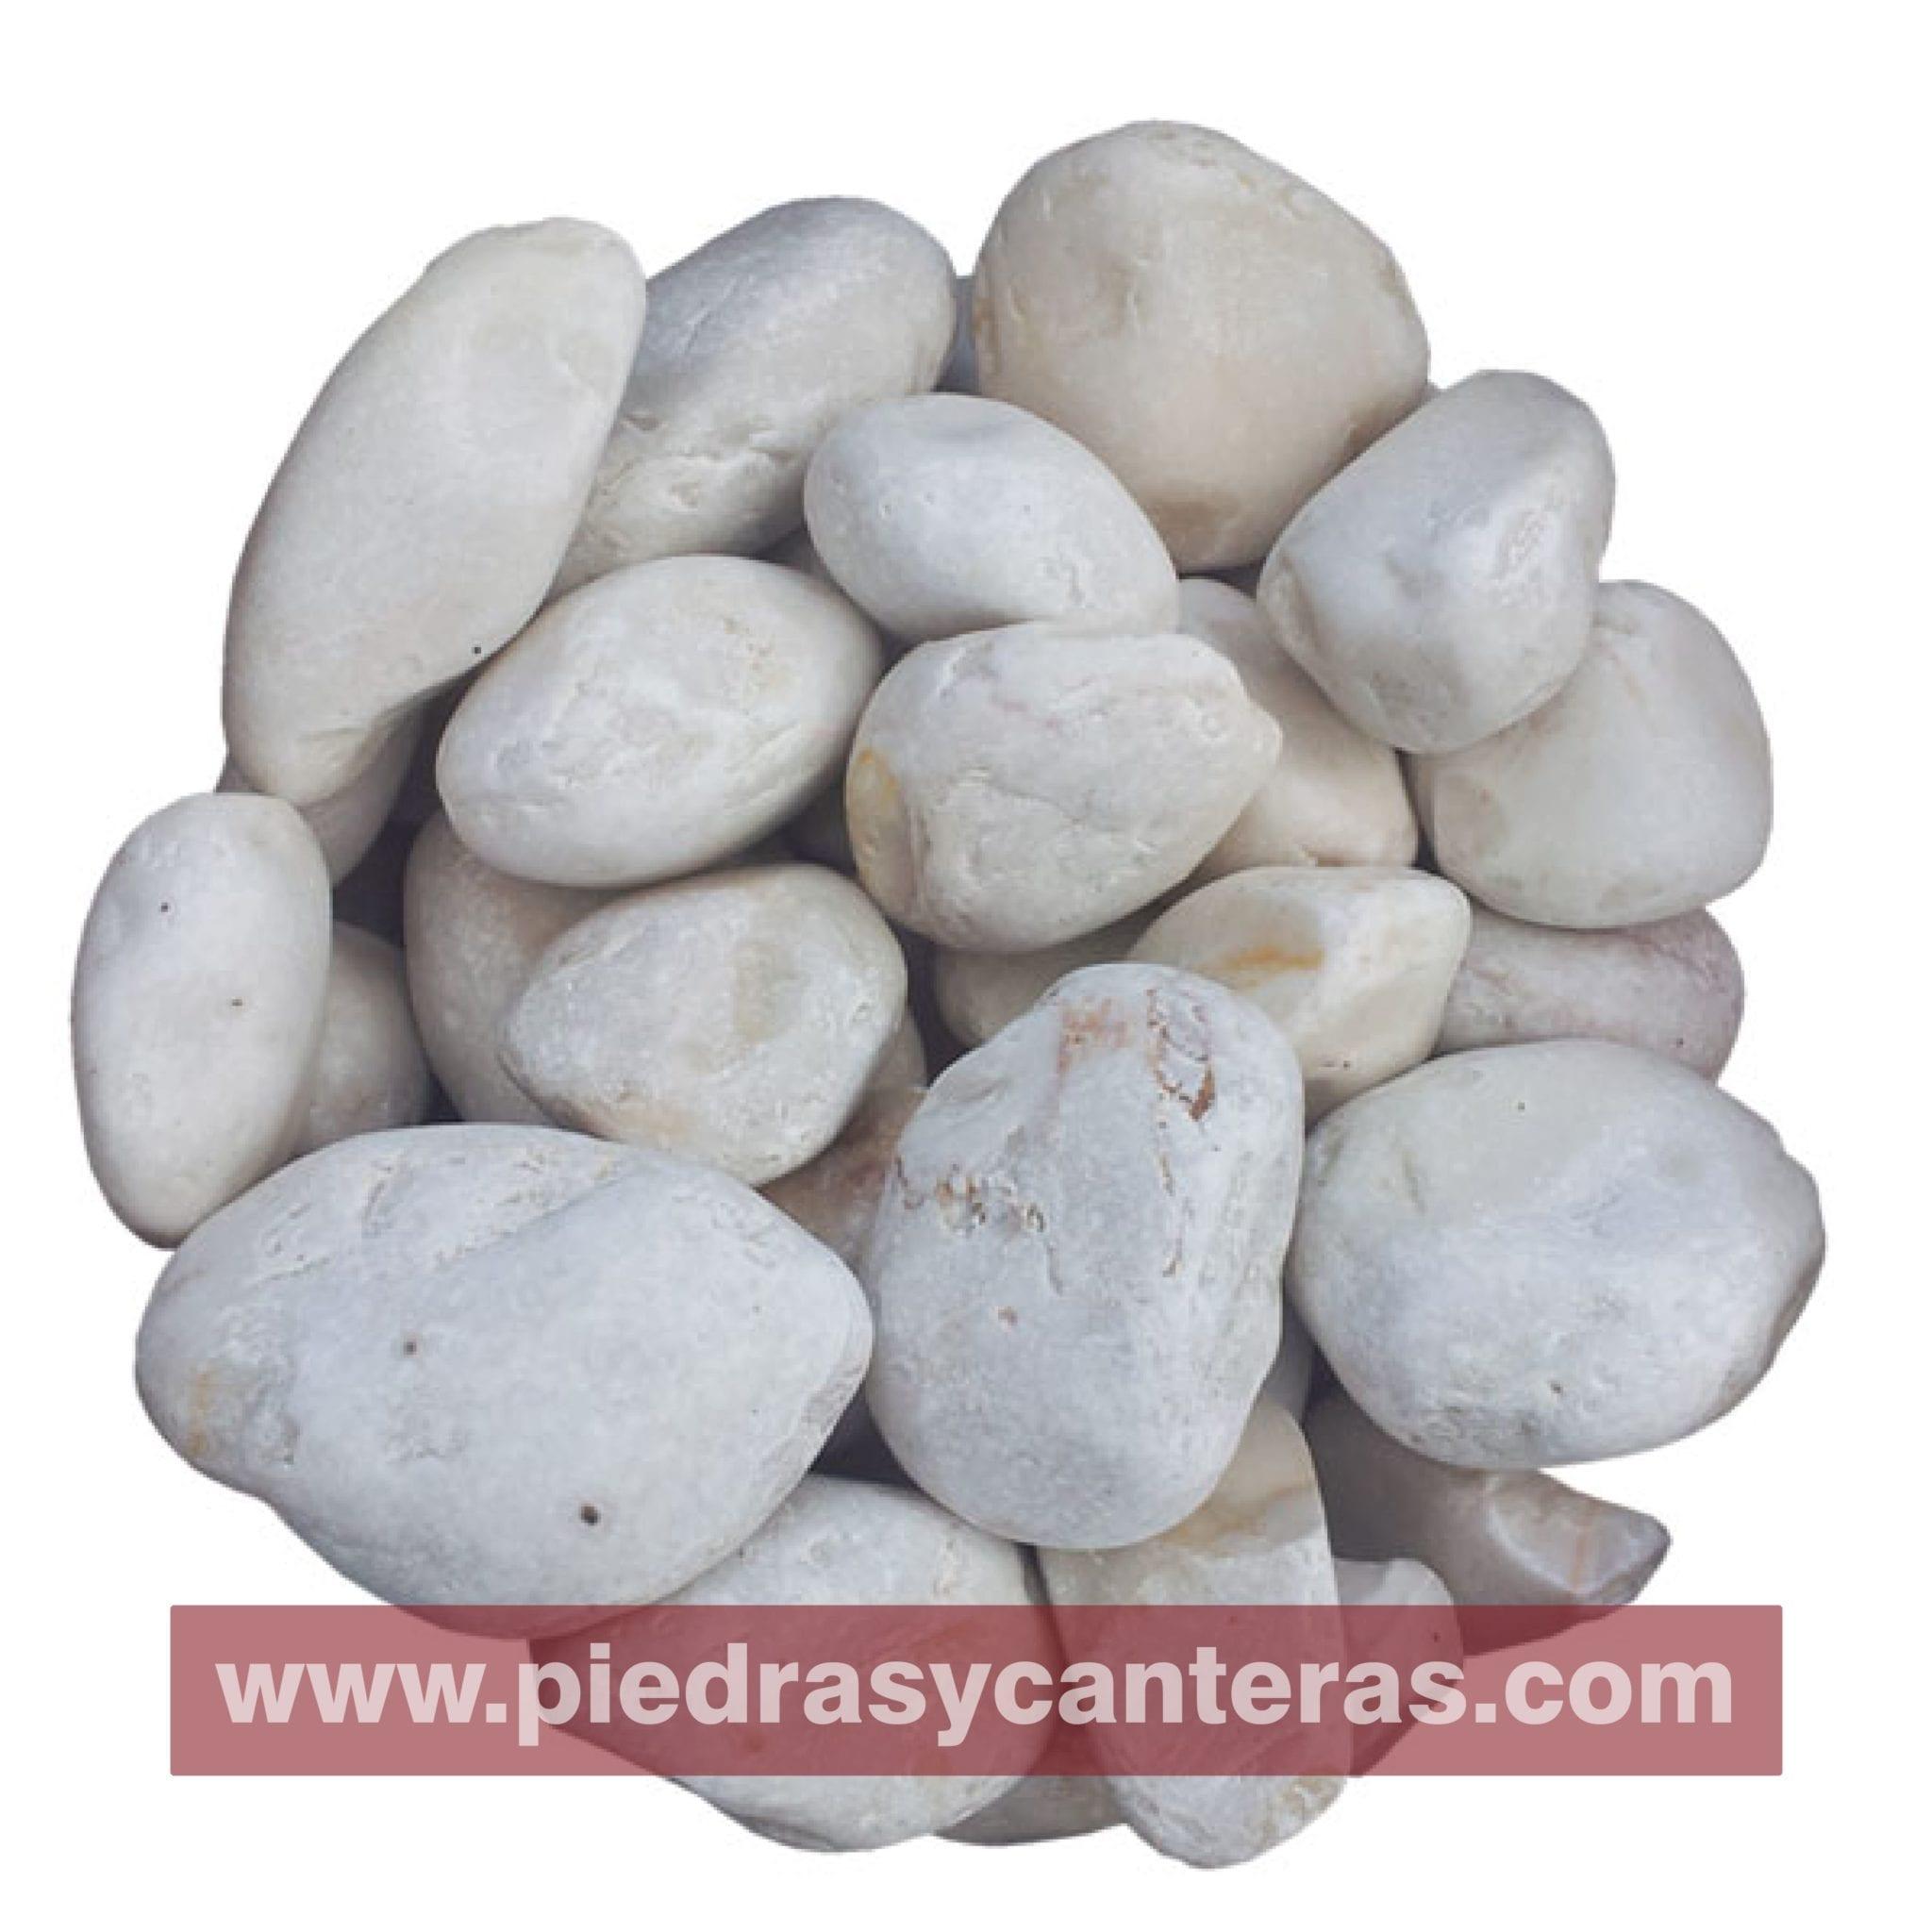 Piedra de Marmol Blanca Limon 2.5